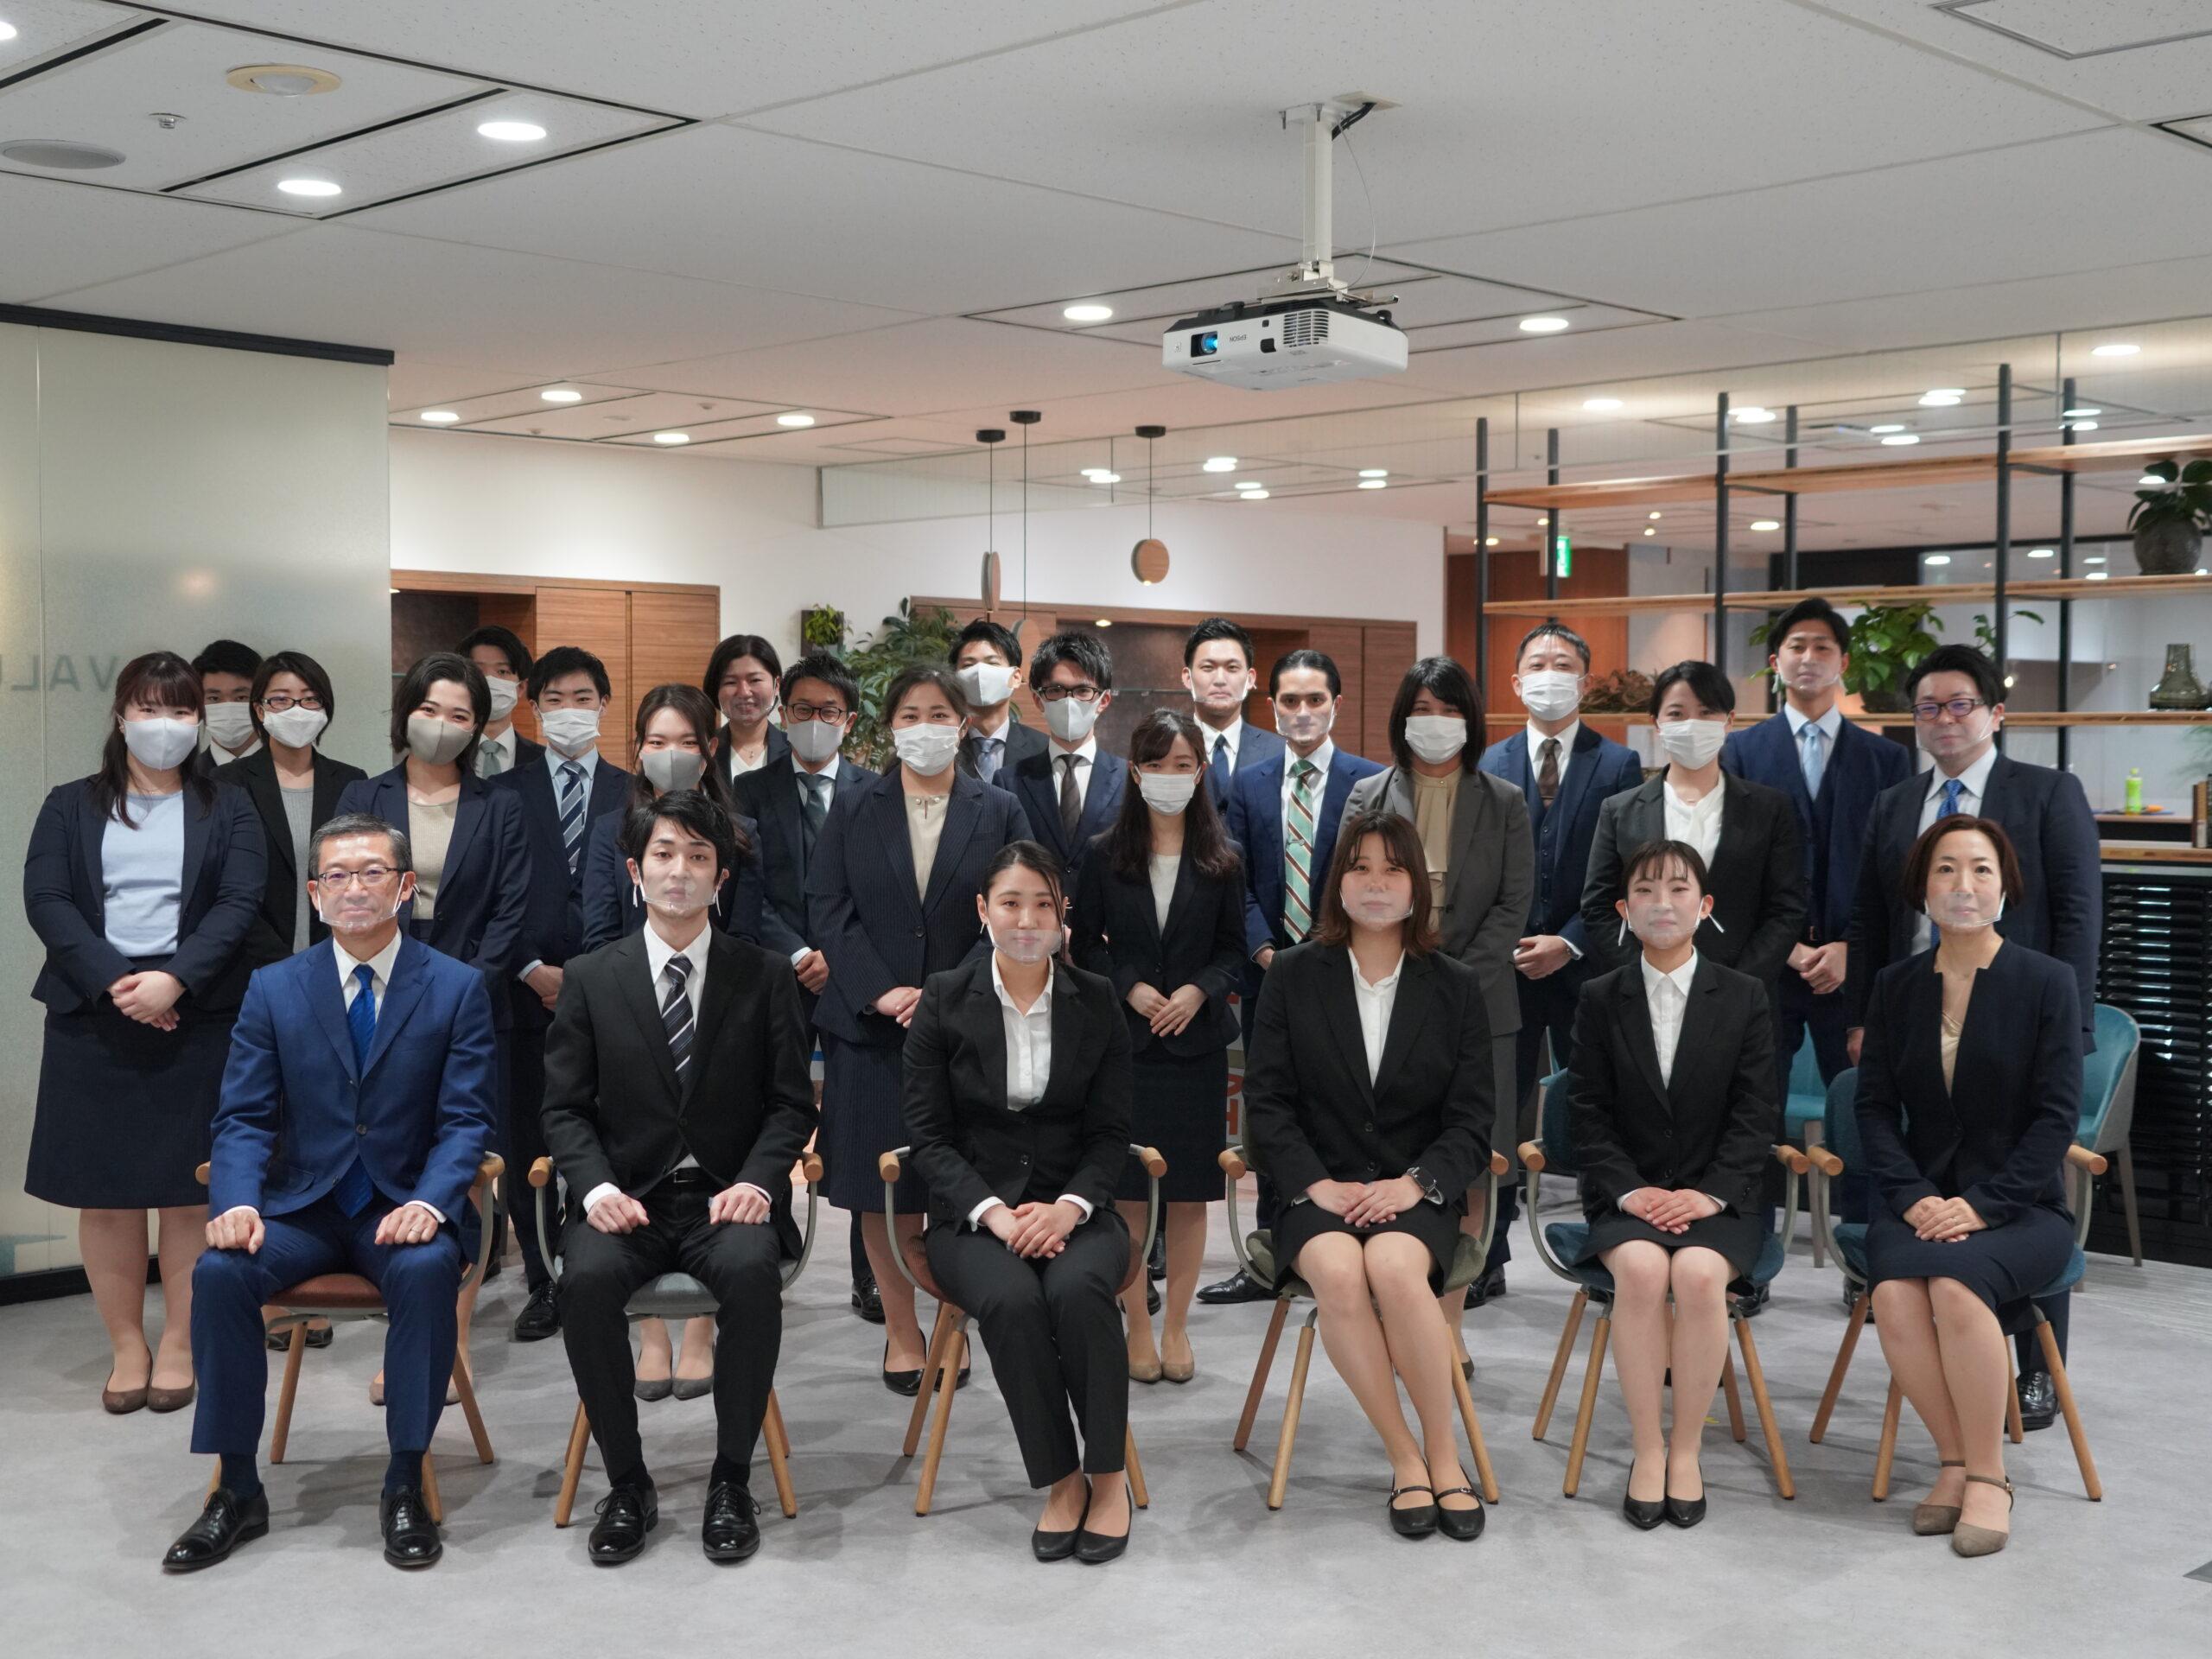 2021年 新入社員が4名入社しました。